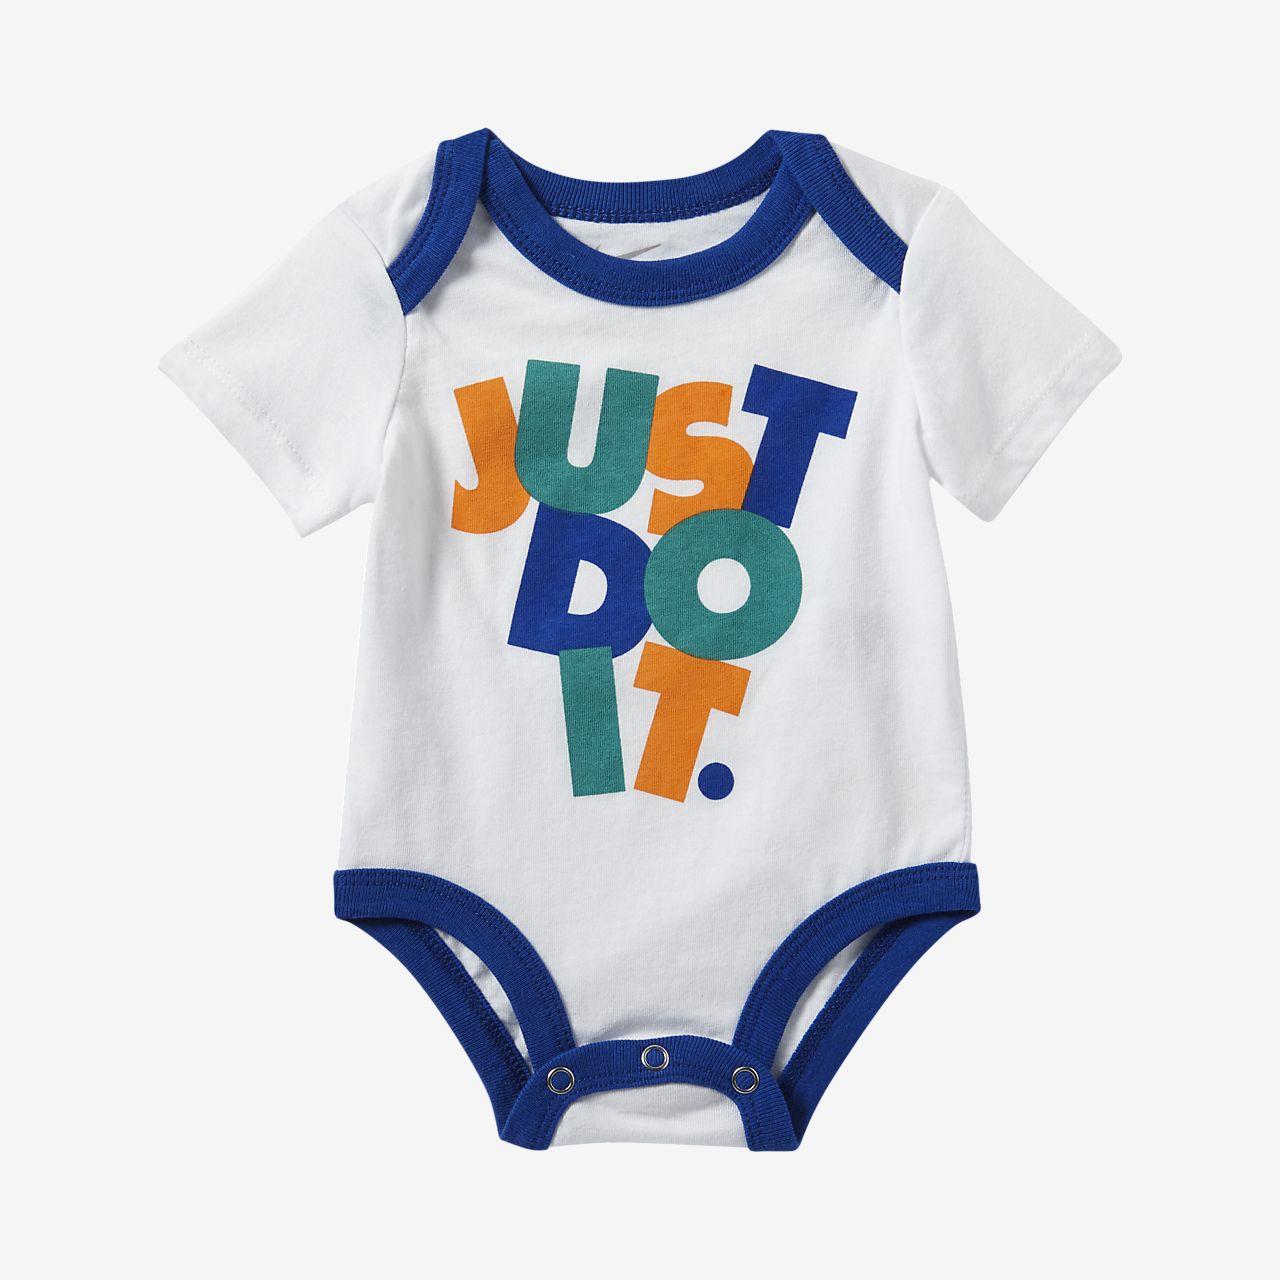 Nike Baby and Toddler JDI Bodysuit